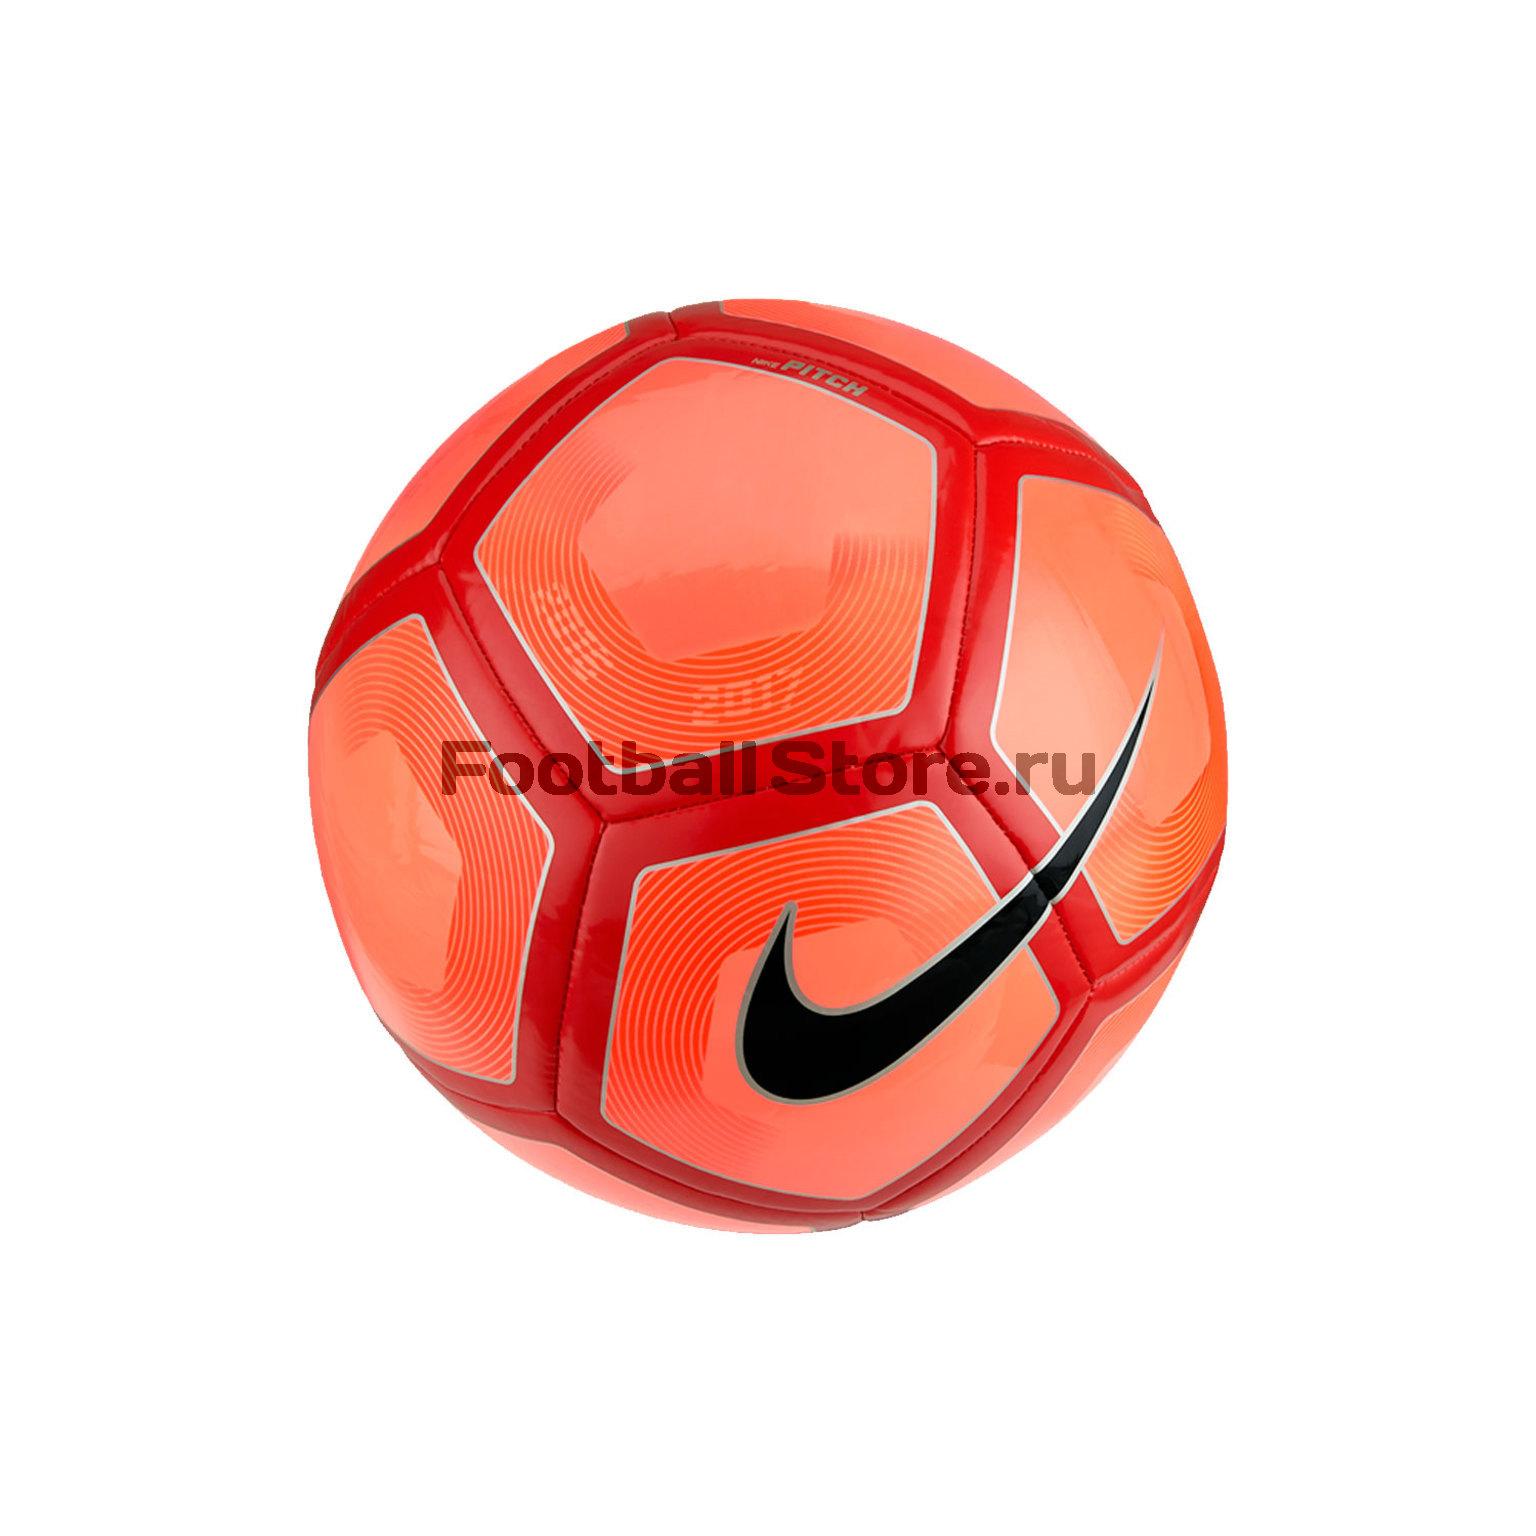 Классические Nike Мяч Nike Pitch SC2993-890